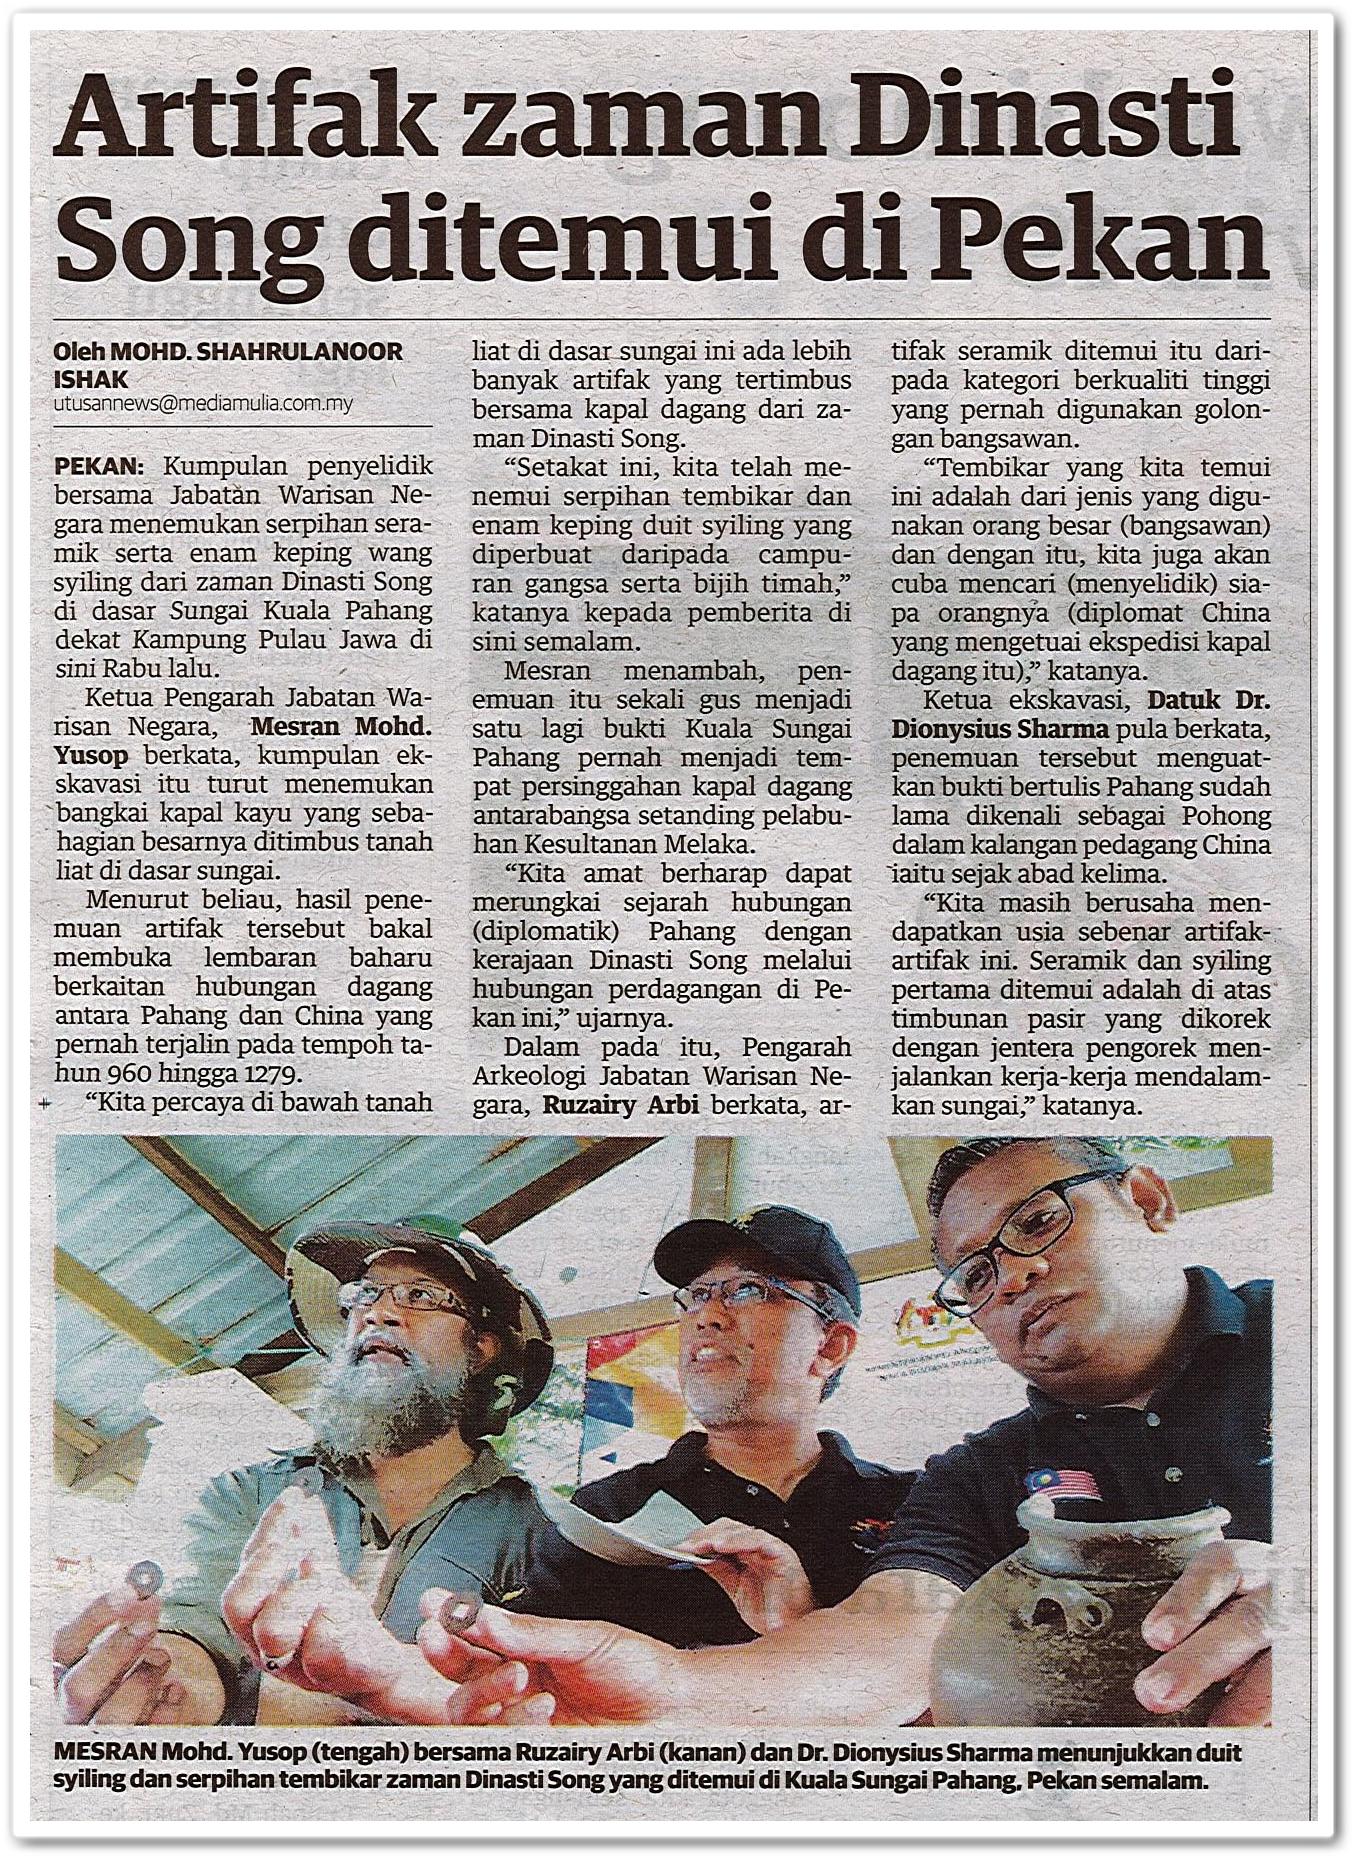 Artifak zaman Dinasti Song ditemui di Pekan - Keratan akhbar Utusan Malaysia 15 Ogos 2020